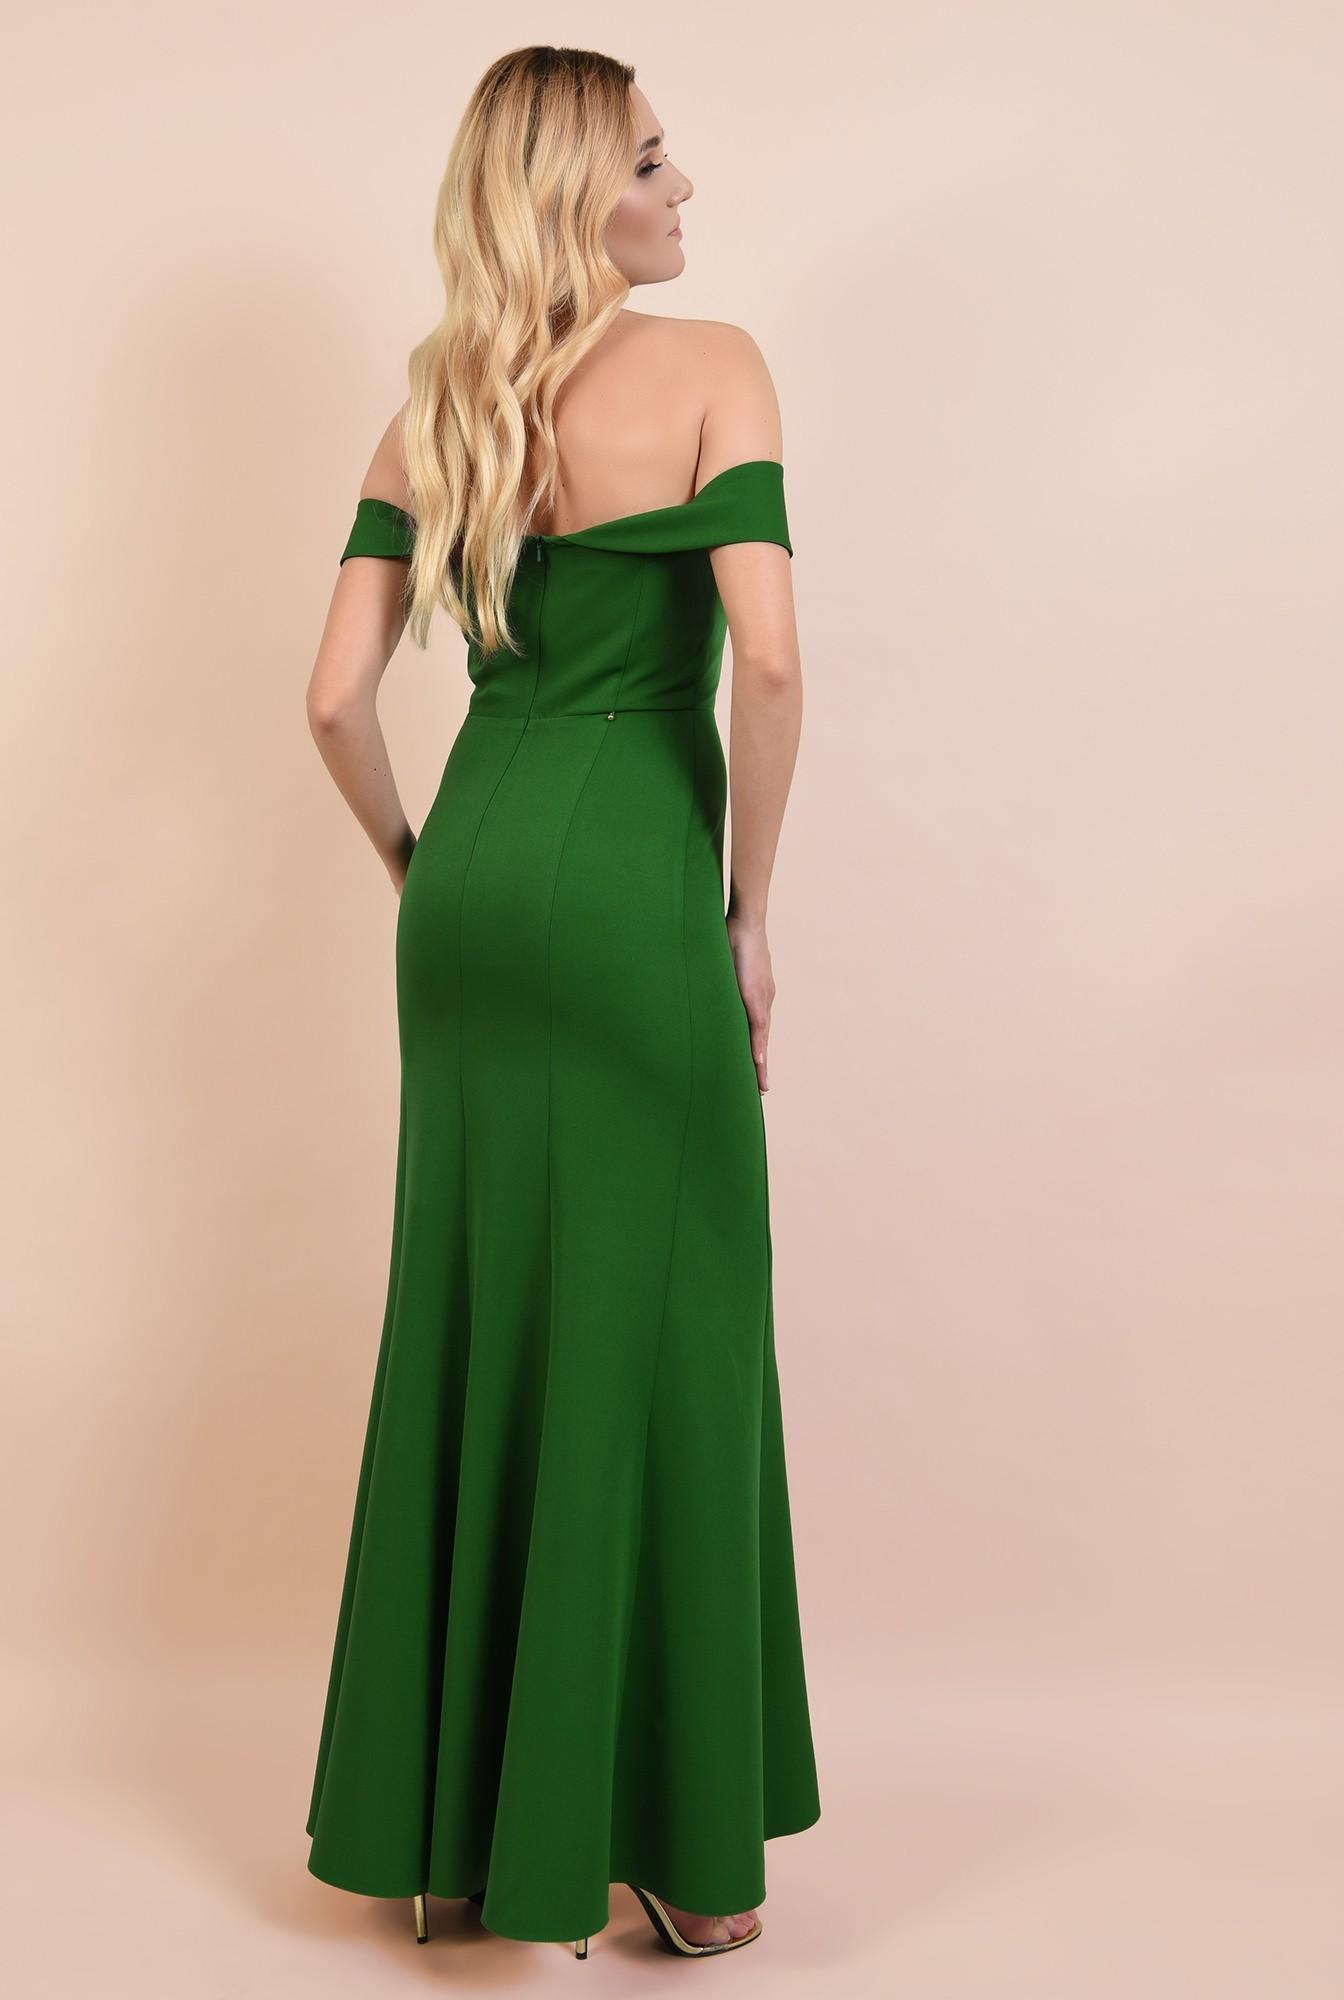 1 - rochie de seara, cu crapeu, umeri goi, decoltata, verde, rochii online